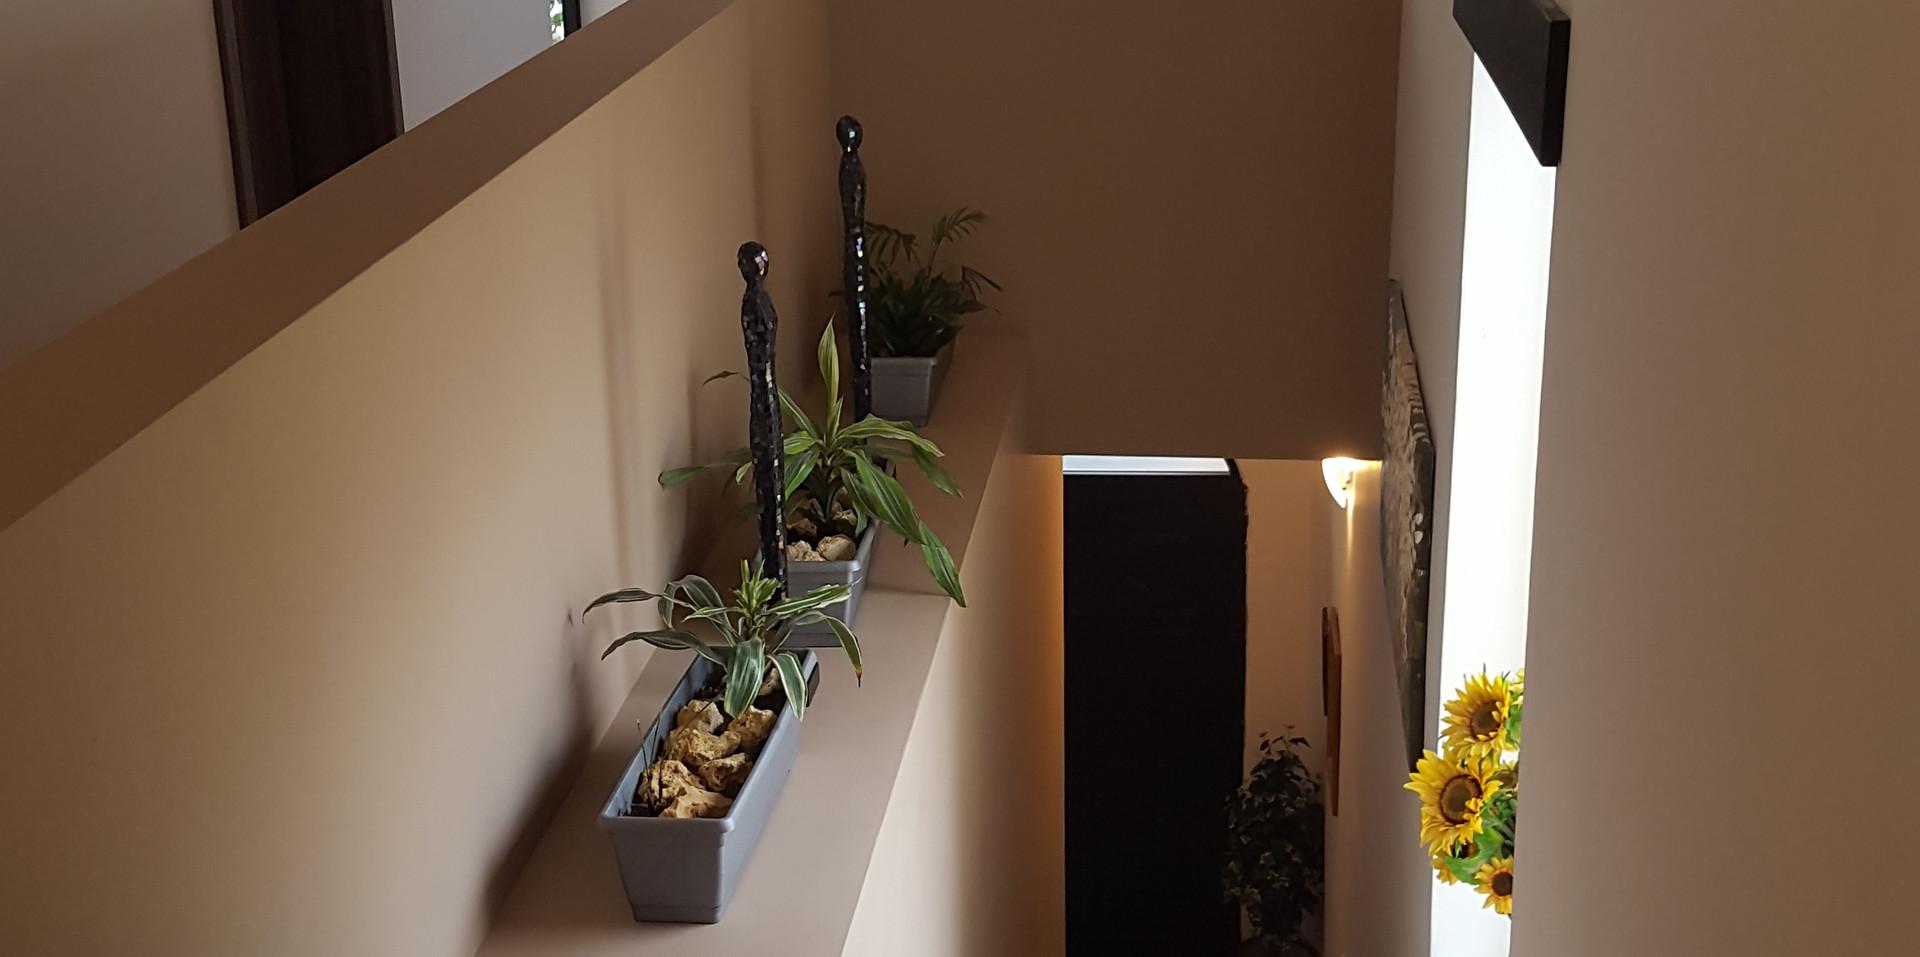 05 - Top of Stairs.jpg